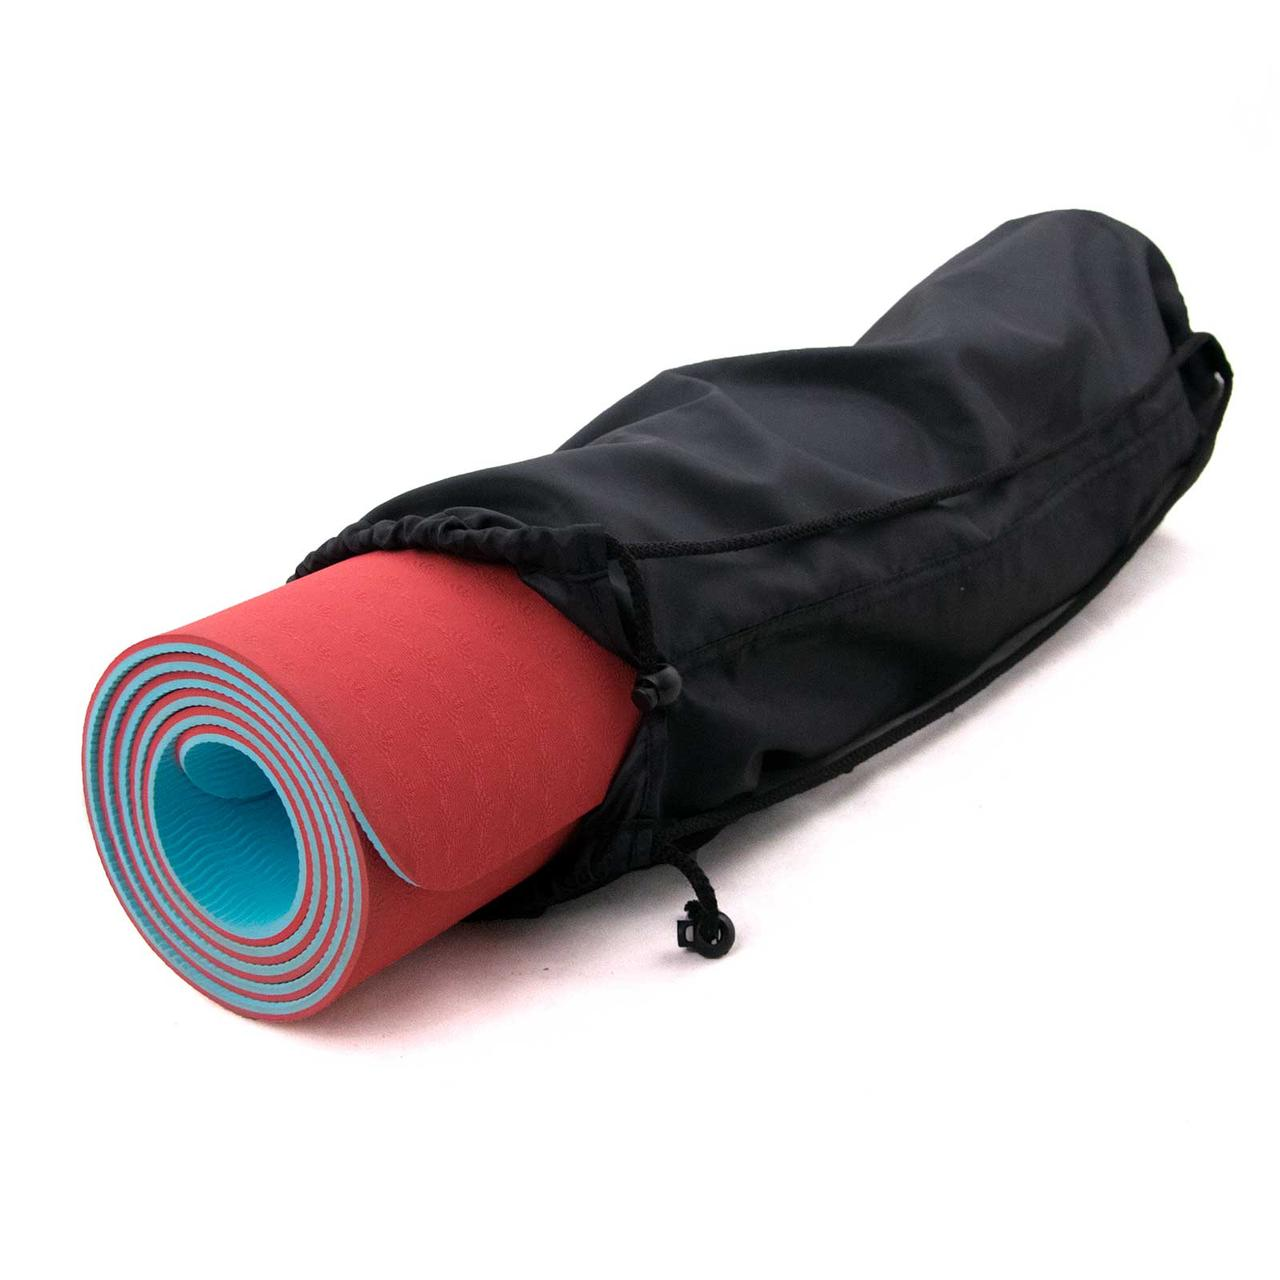 Чохол для килимка і каремат для туризму і фітнесу OSPORT 23 см (FI-0030) Чорний